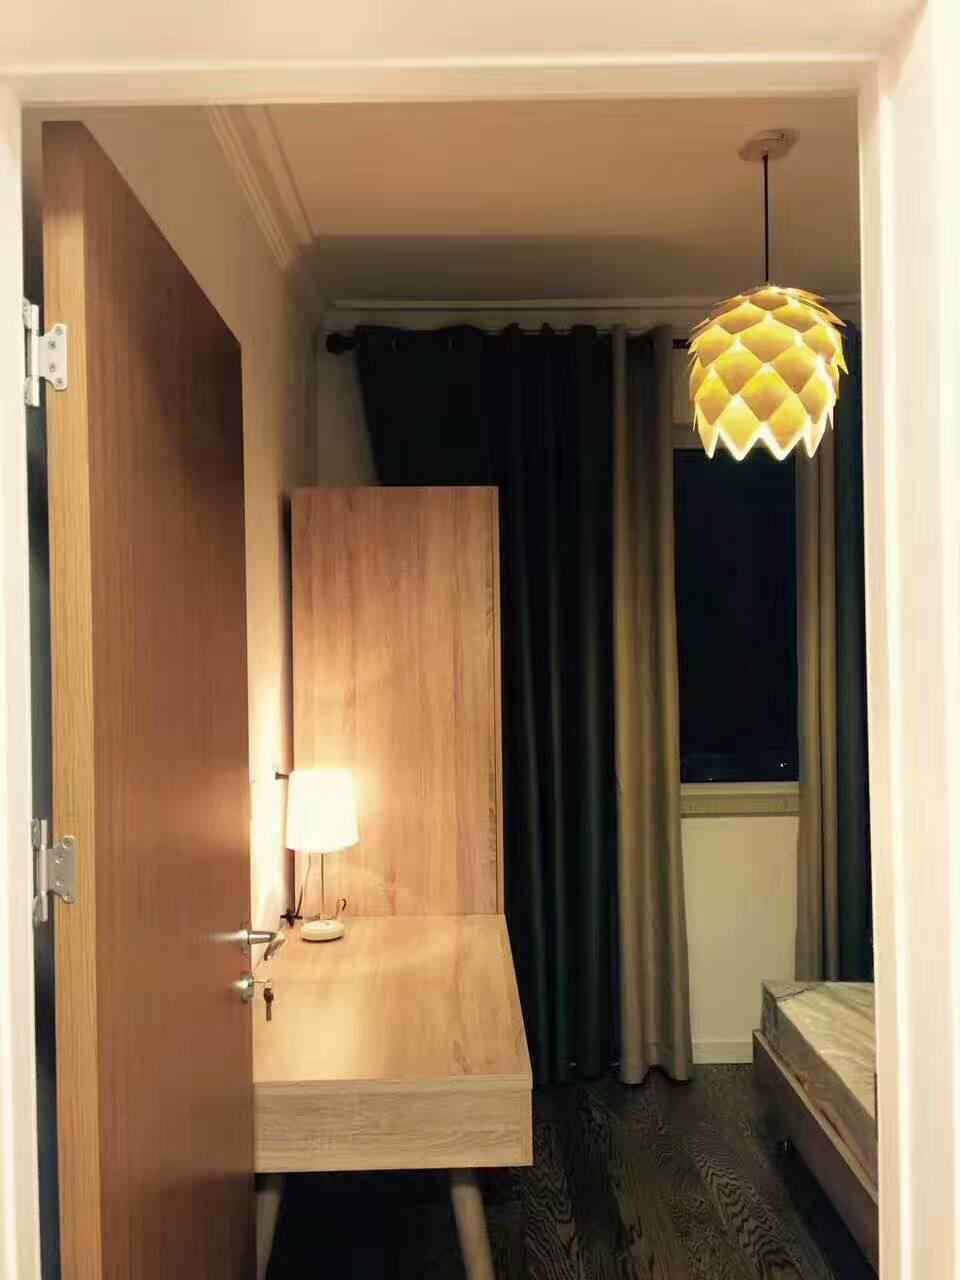 暖暖的灯光照亮卧室,让人沉浸在温暖的氛围中,享受着无限的轻松和惬意。